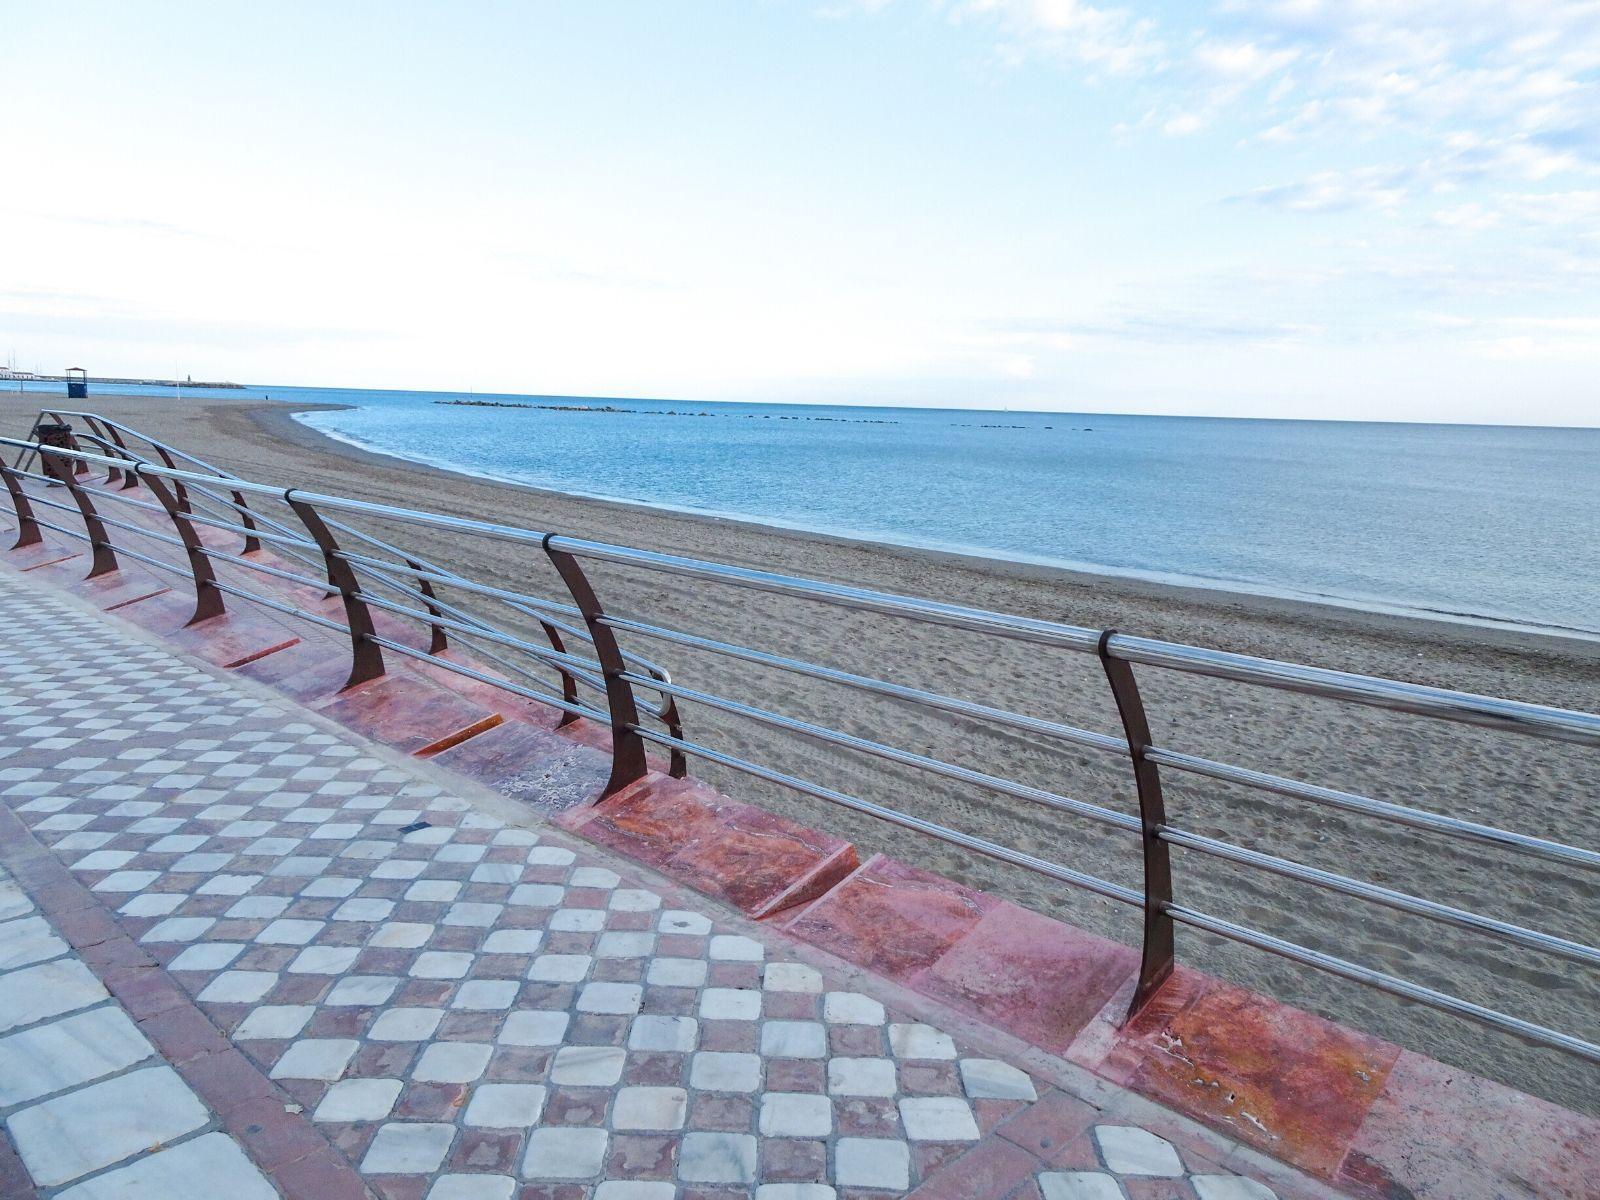 Balaustrada Paseo Marítimo Benalmádena